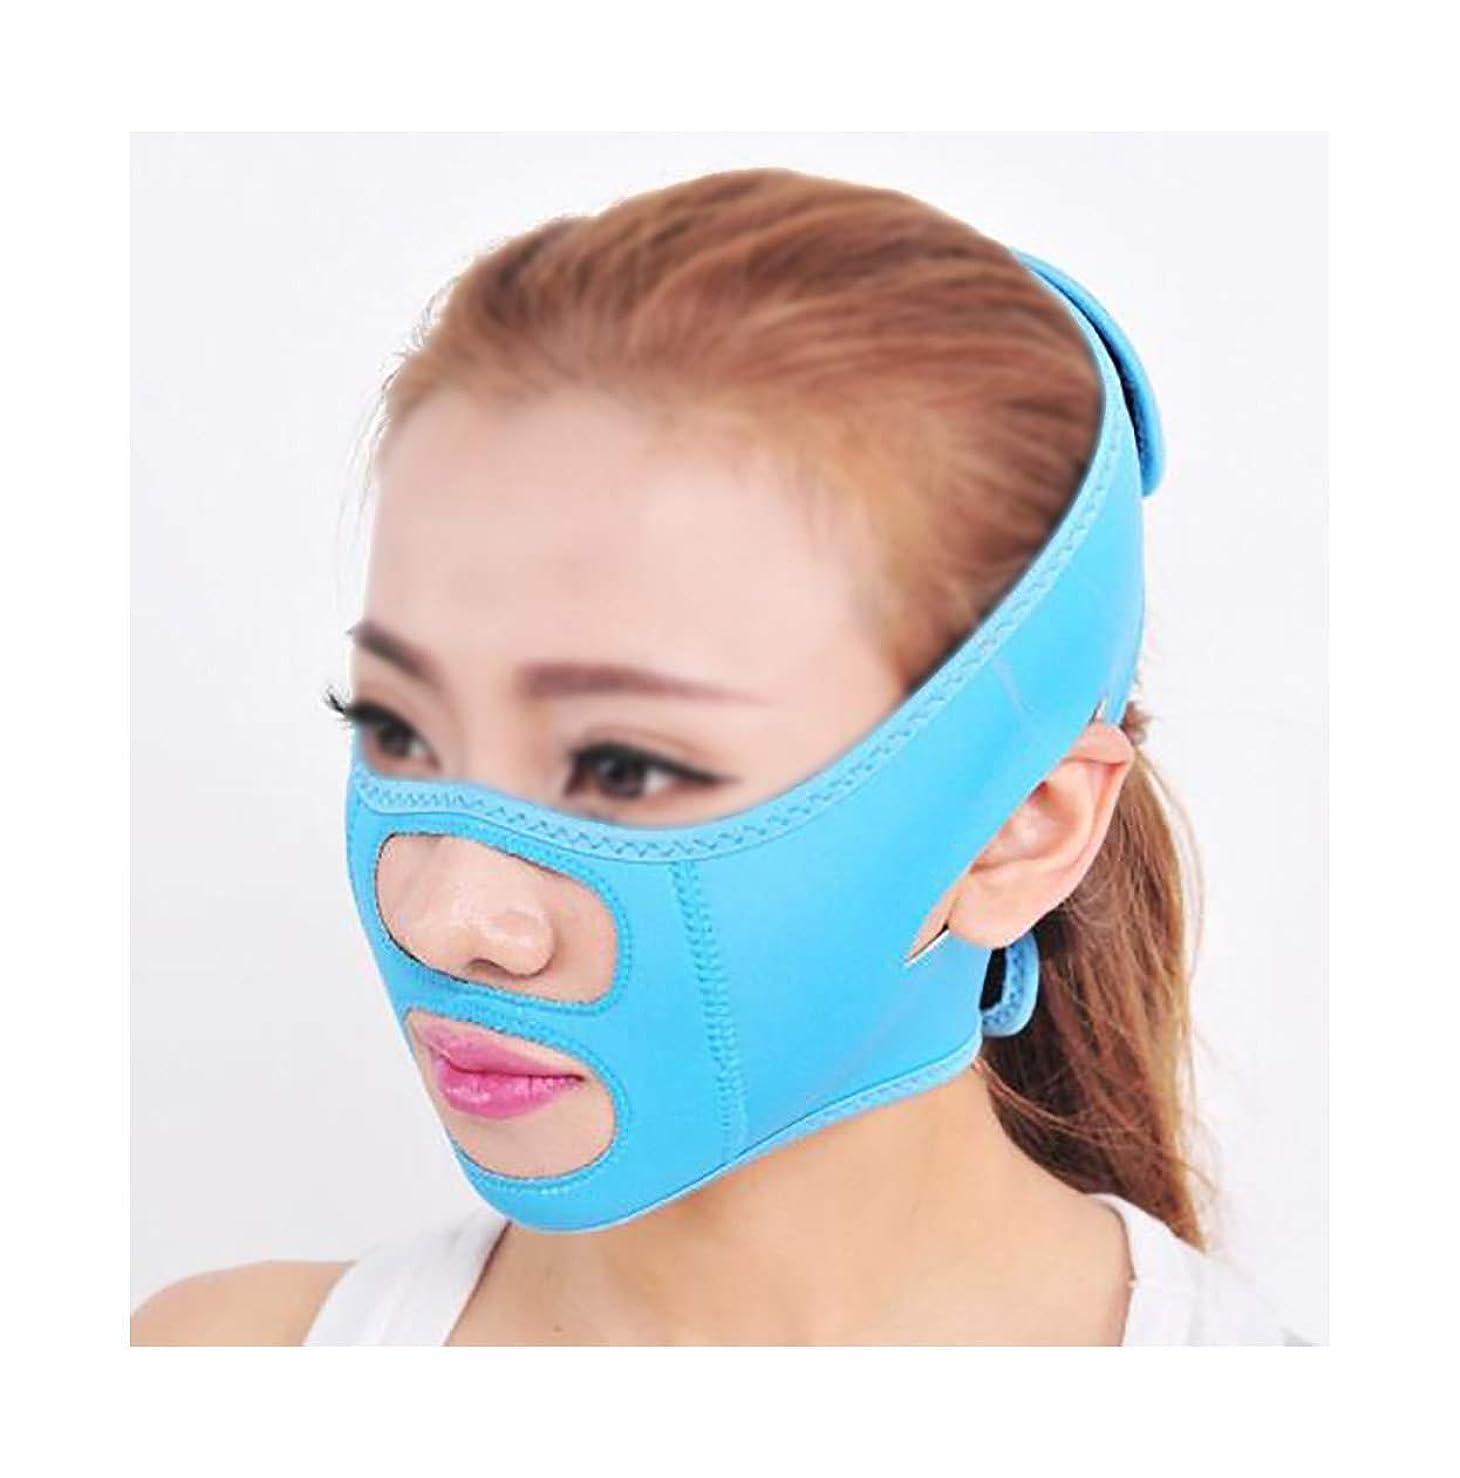 あまりにも豊富湿度ファーミングフェイスマスク、術後リフティングマスクホーム包帯揺れネットワーク赤女性Vフェイスステッカーストラップ楽器顔アーティファクト(色:青),青